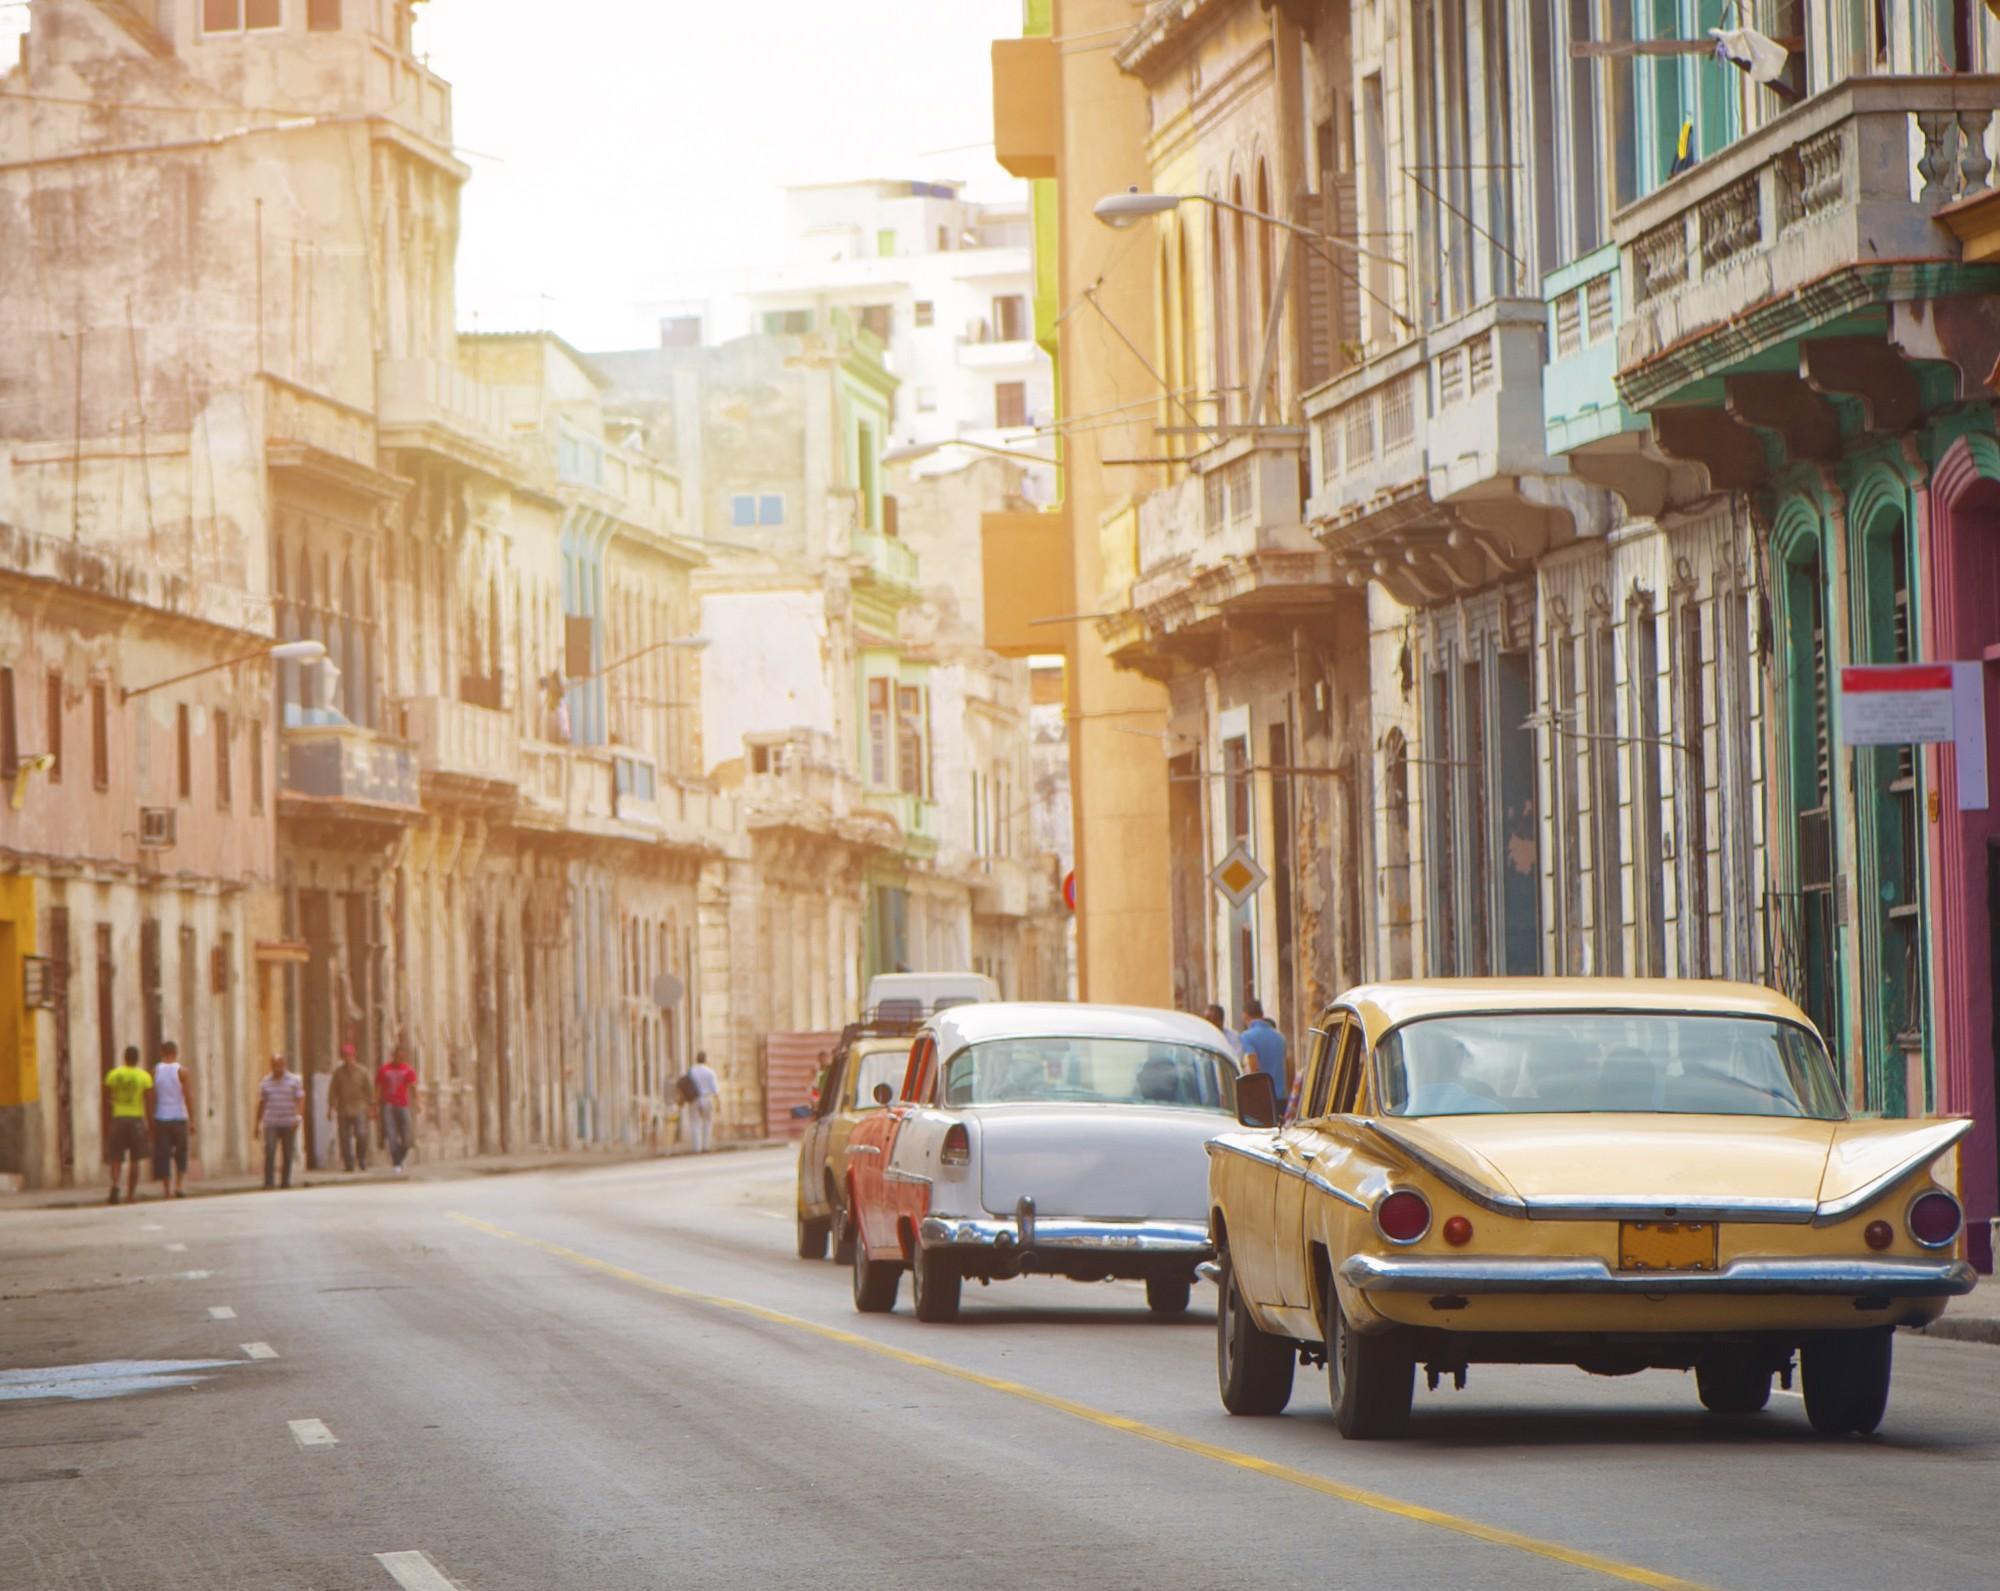 Strade dell'Avana